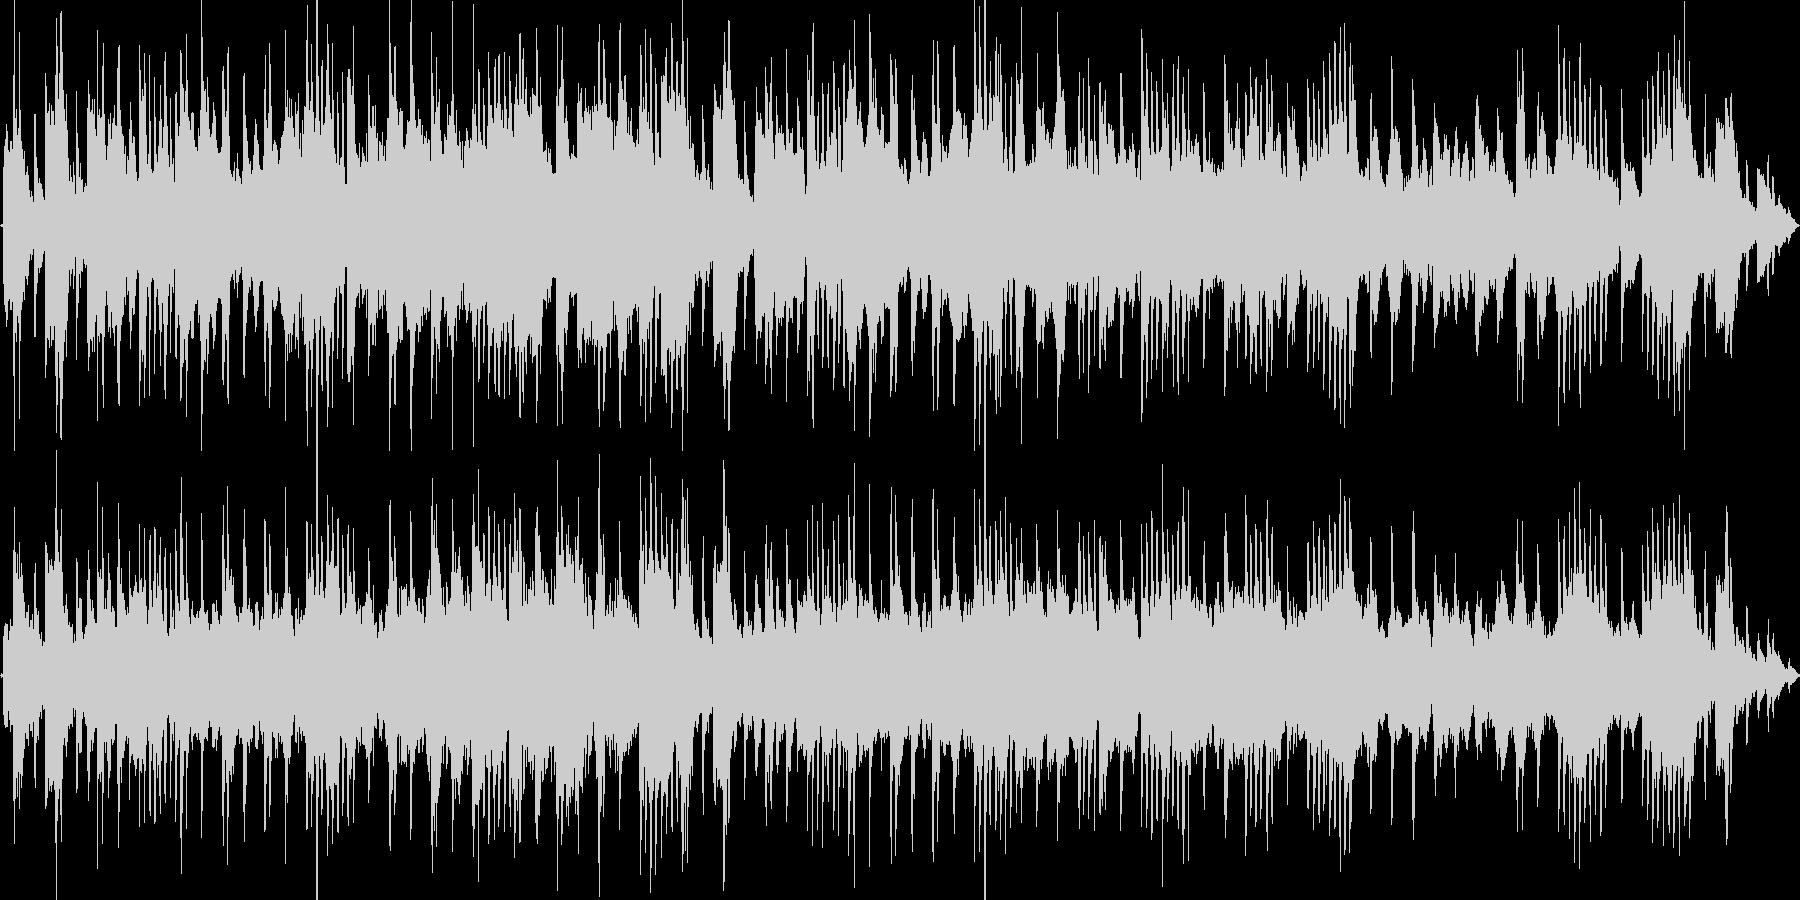 暗めで激しい。ゲーム用に作成した曲、前…の未再生の波形